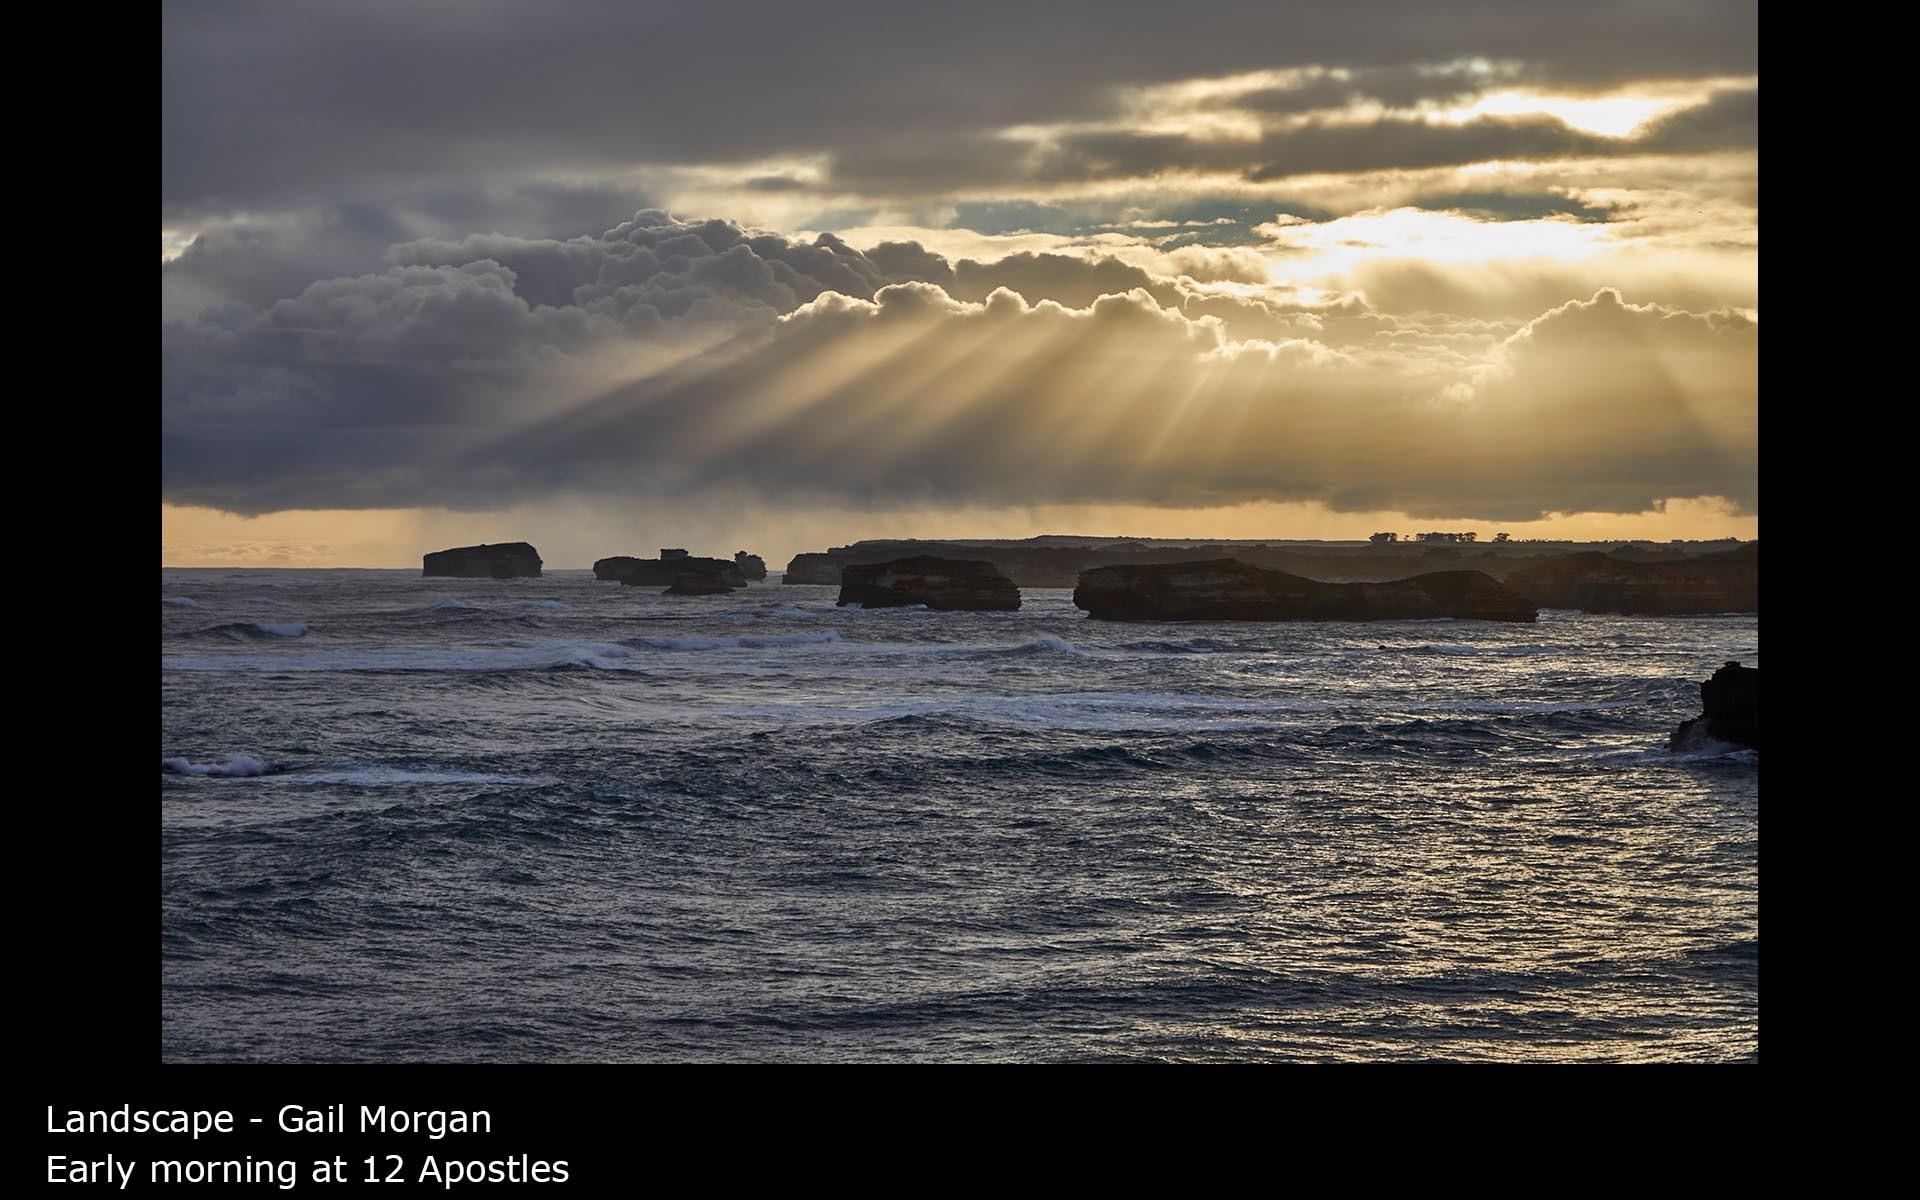 Early morning at 12 Apostles - Gail Morgan